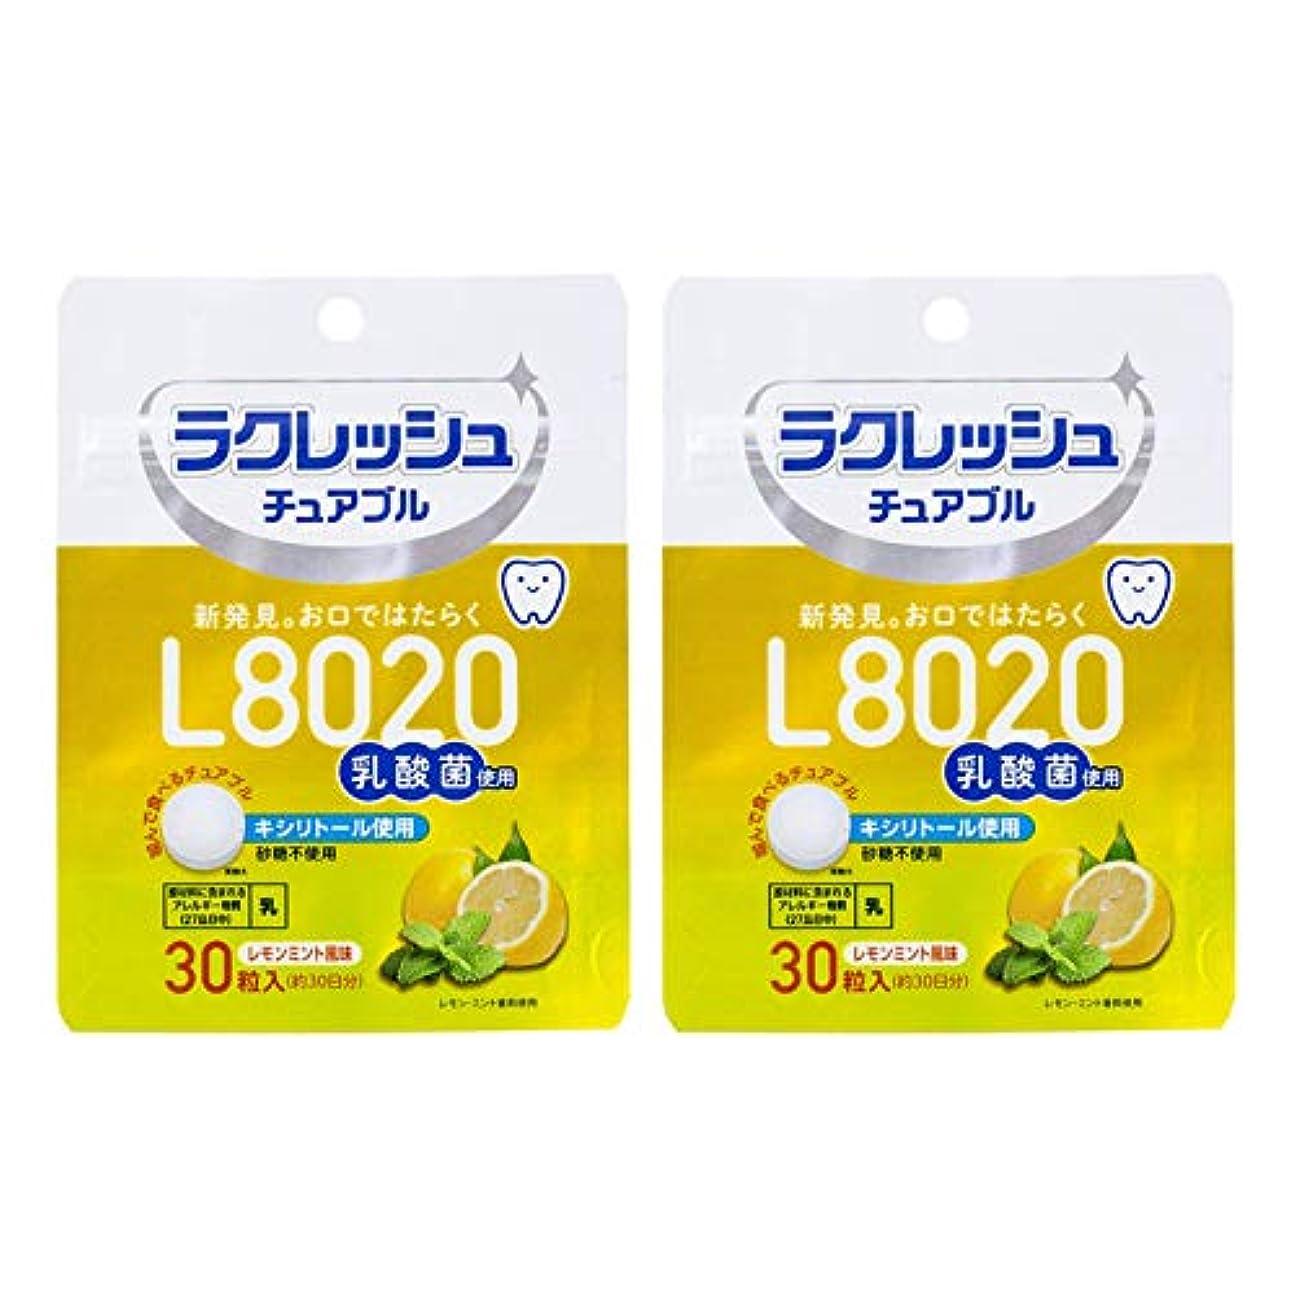 駐地活気づけるビジョンラクレッシュ L8020 乳酸菌 チュアブル レモンミント風味 オーラルケア 30粒入×2袋